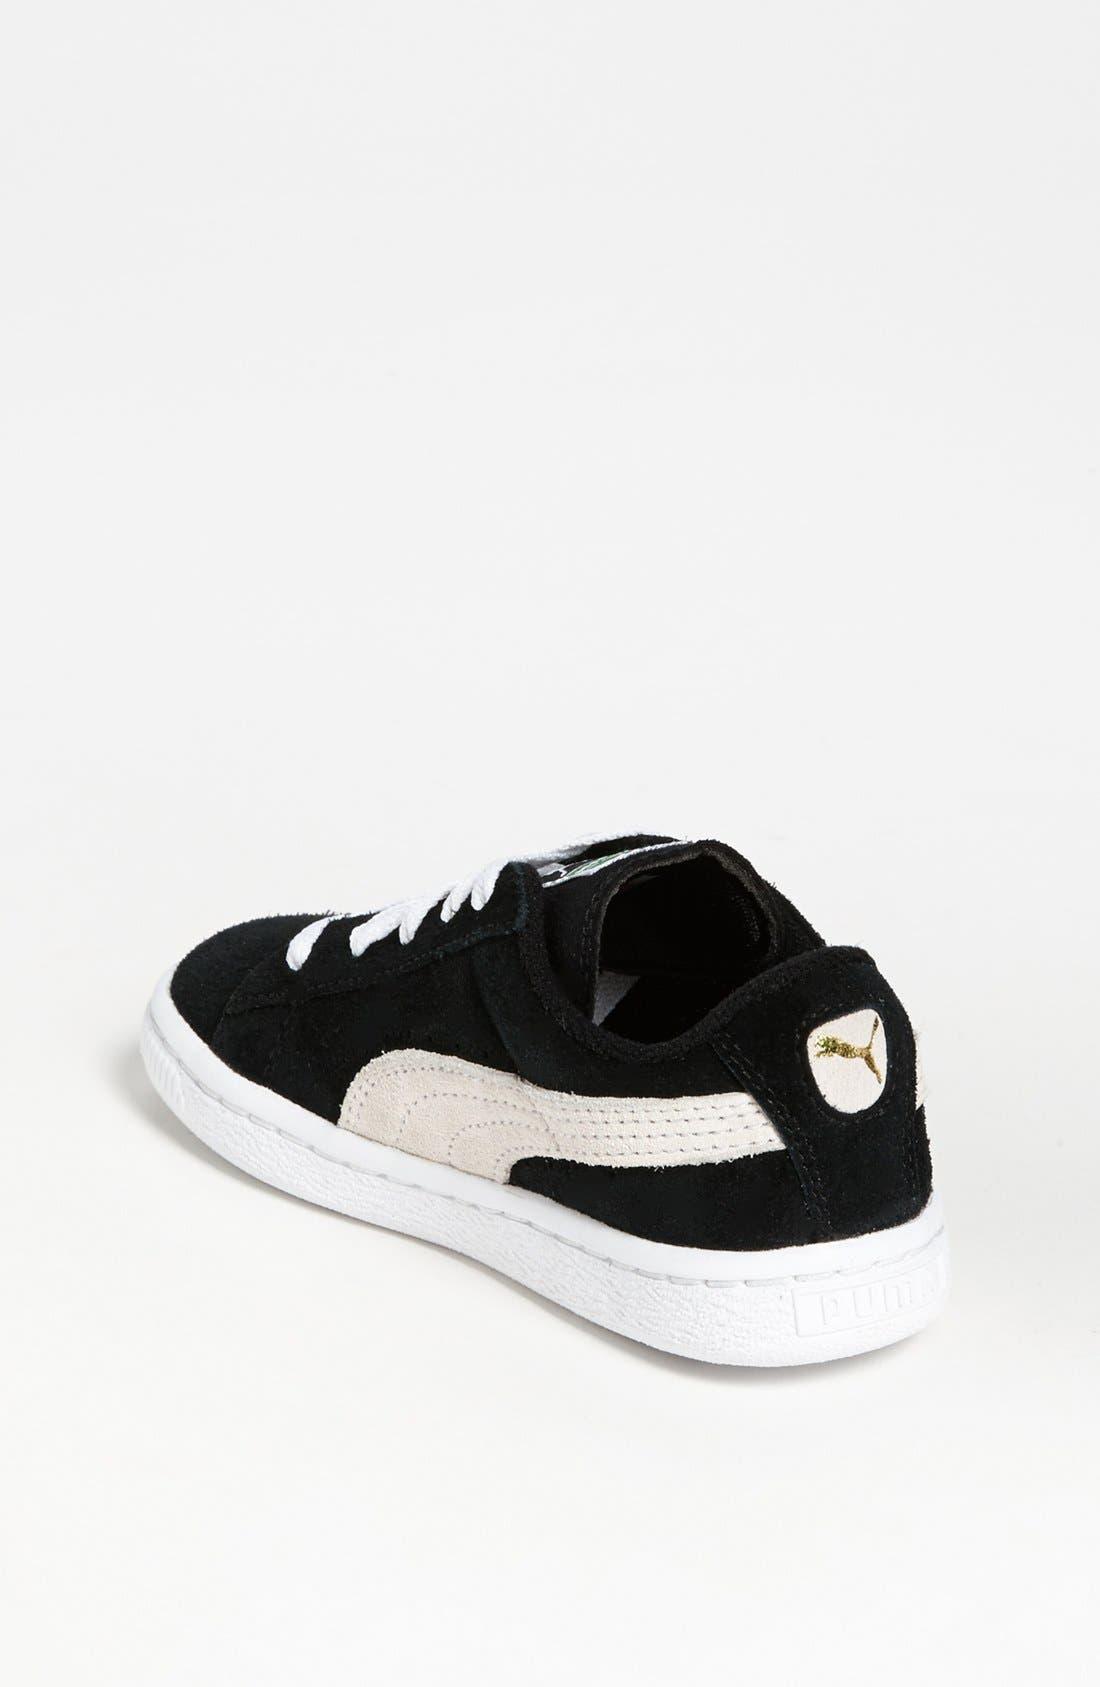 Alternate Image 2  - PUMA Suede Sneaker (Baby, Walker, Toddler, Little Kid & Big Kid)